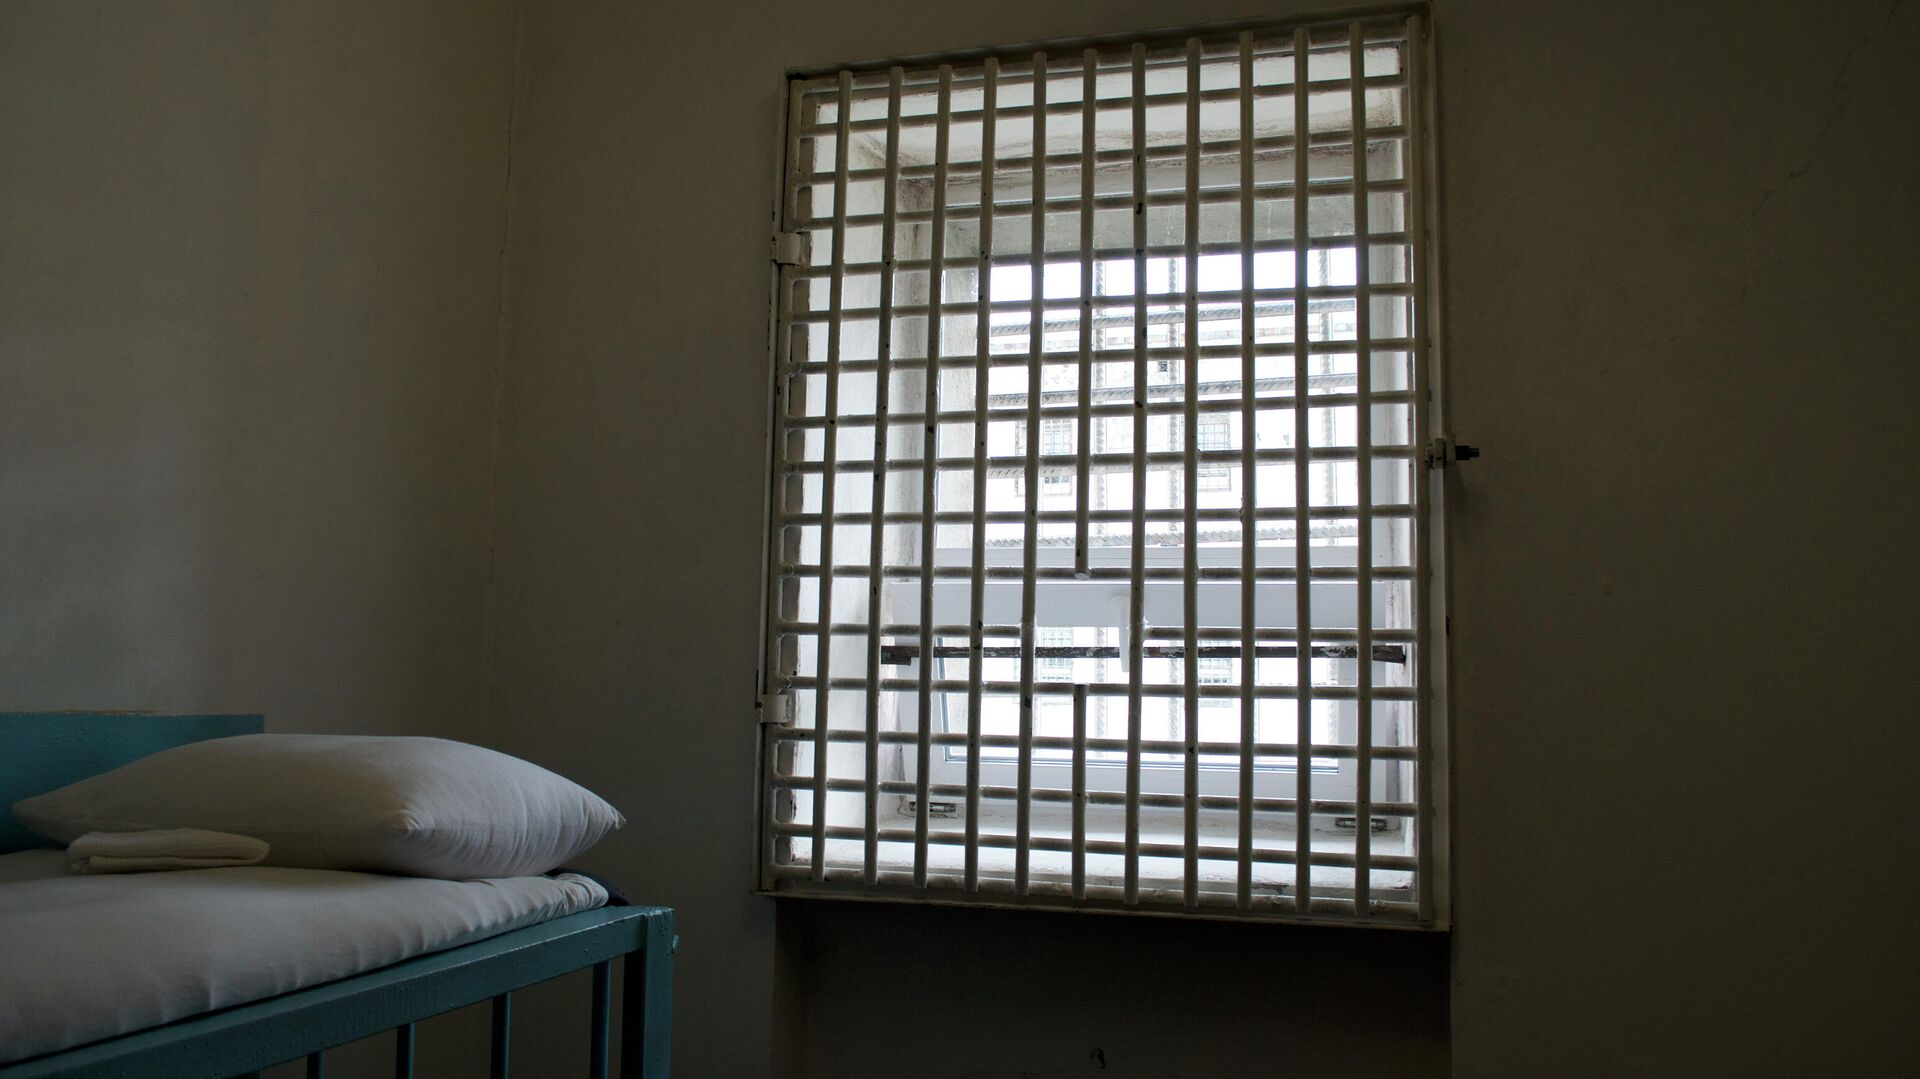 Вид из окна камеры для пожизненно осужденных в колонии Полярная сова - РИА Новости, 1920, 15.11.2020